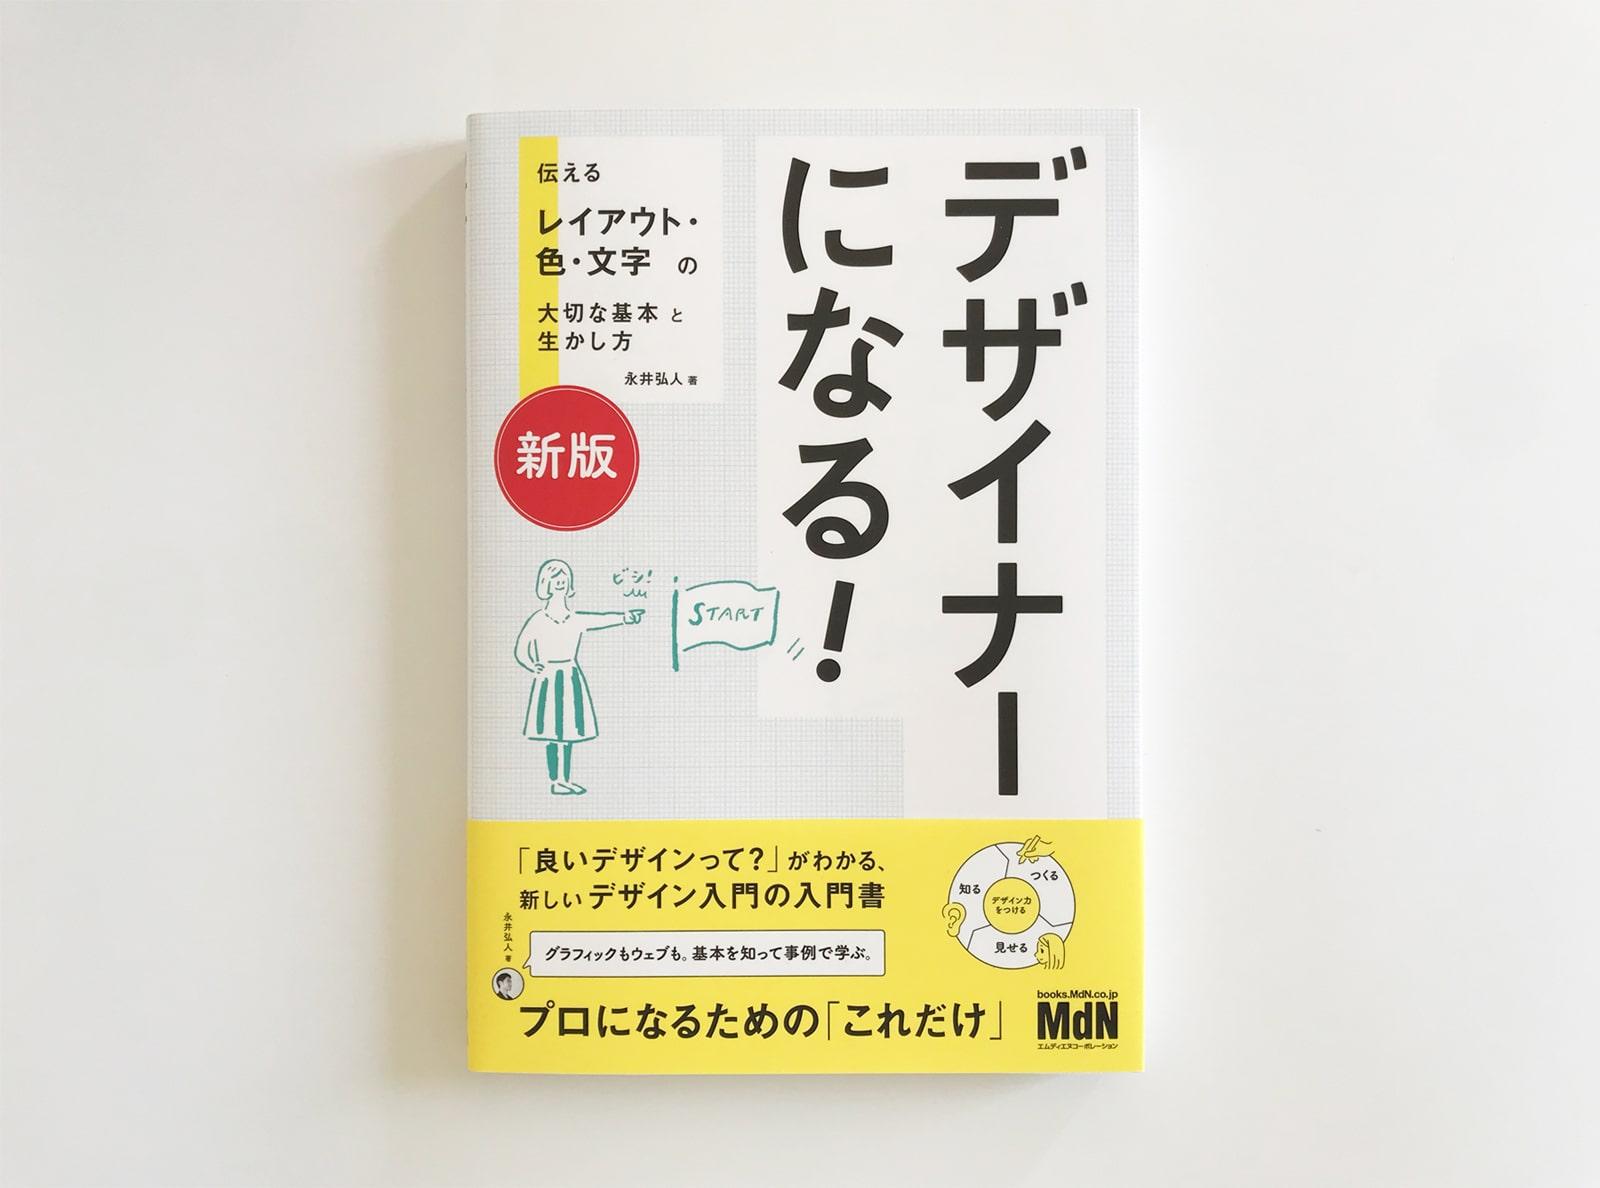 「デザイナーになる!」本の画像